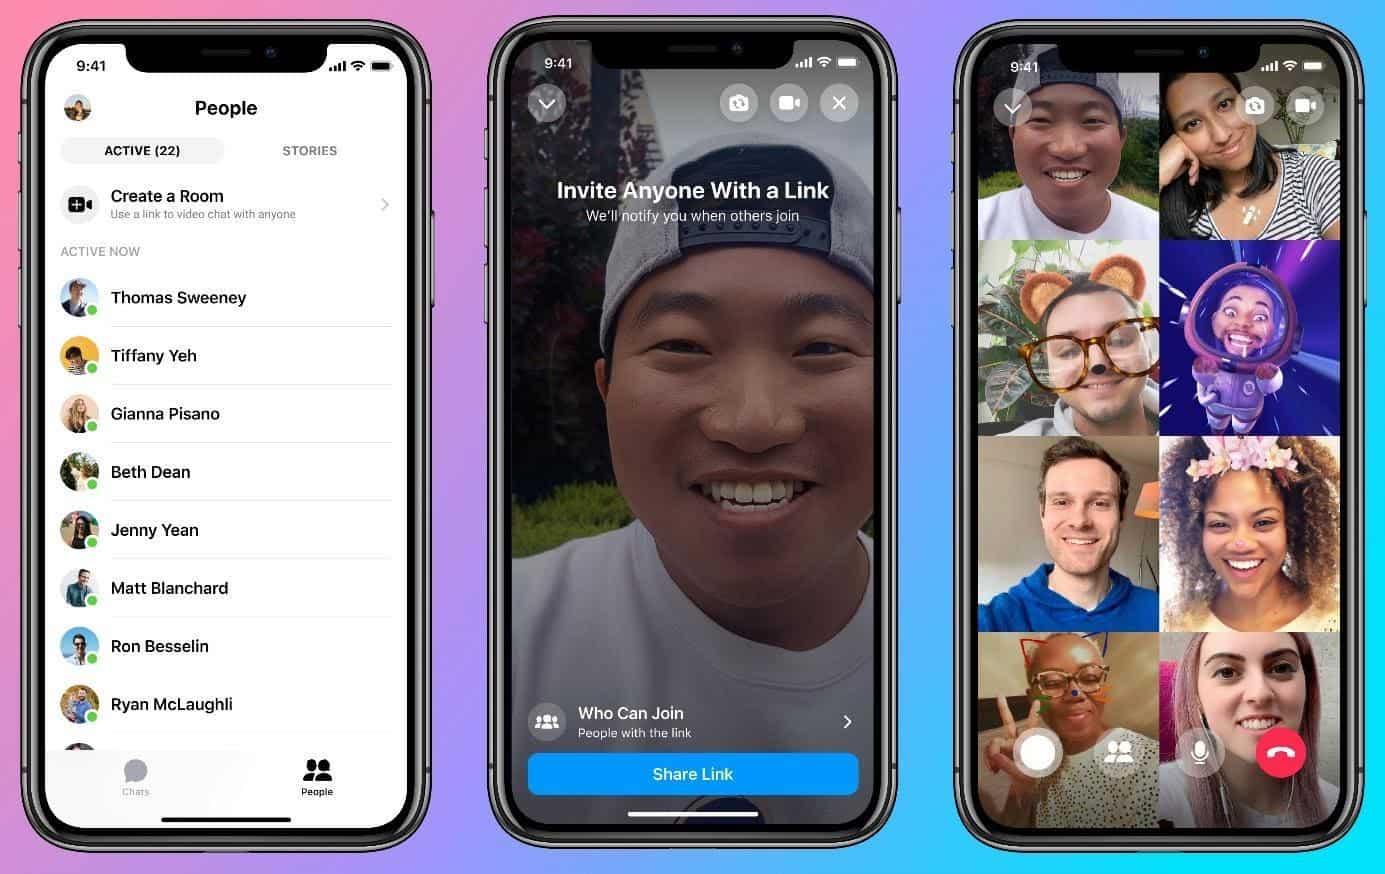 فيسبوك تطلق خدمة التواصل عبر الفيديو بين 50 شخصاً عبر منصاتها